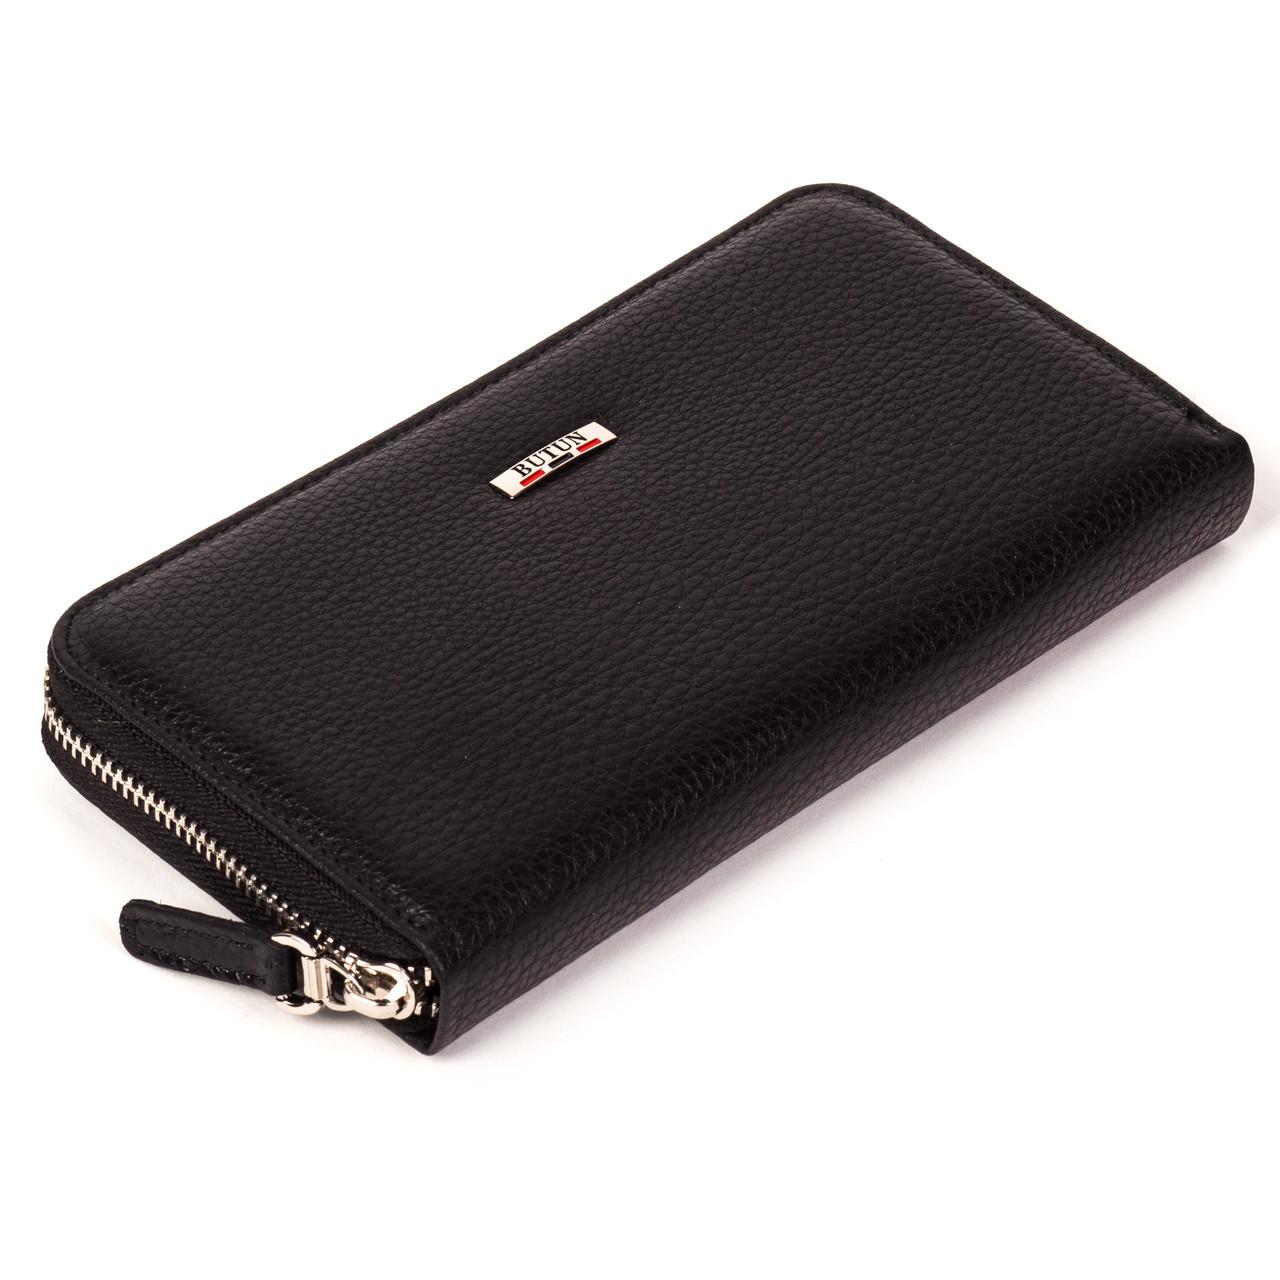 Женский кошелек Butun 639-004-001 кожаный черный